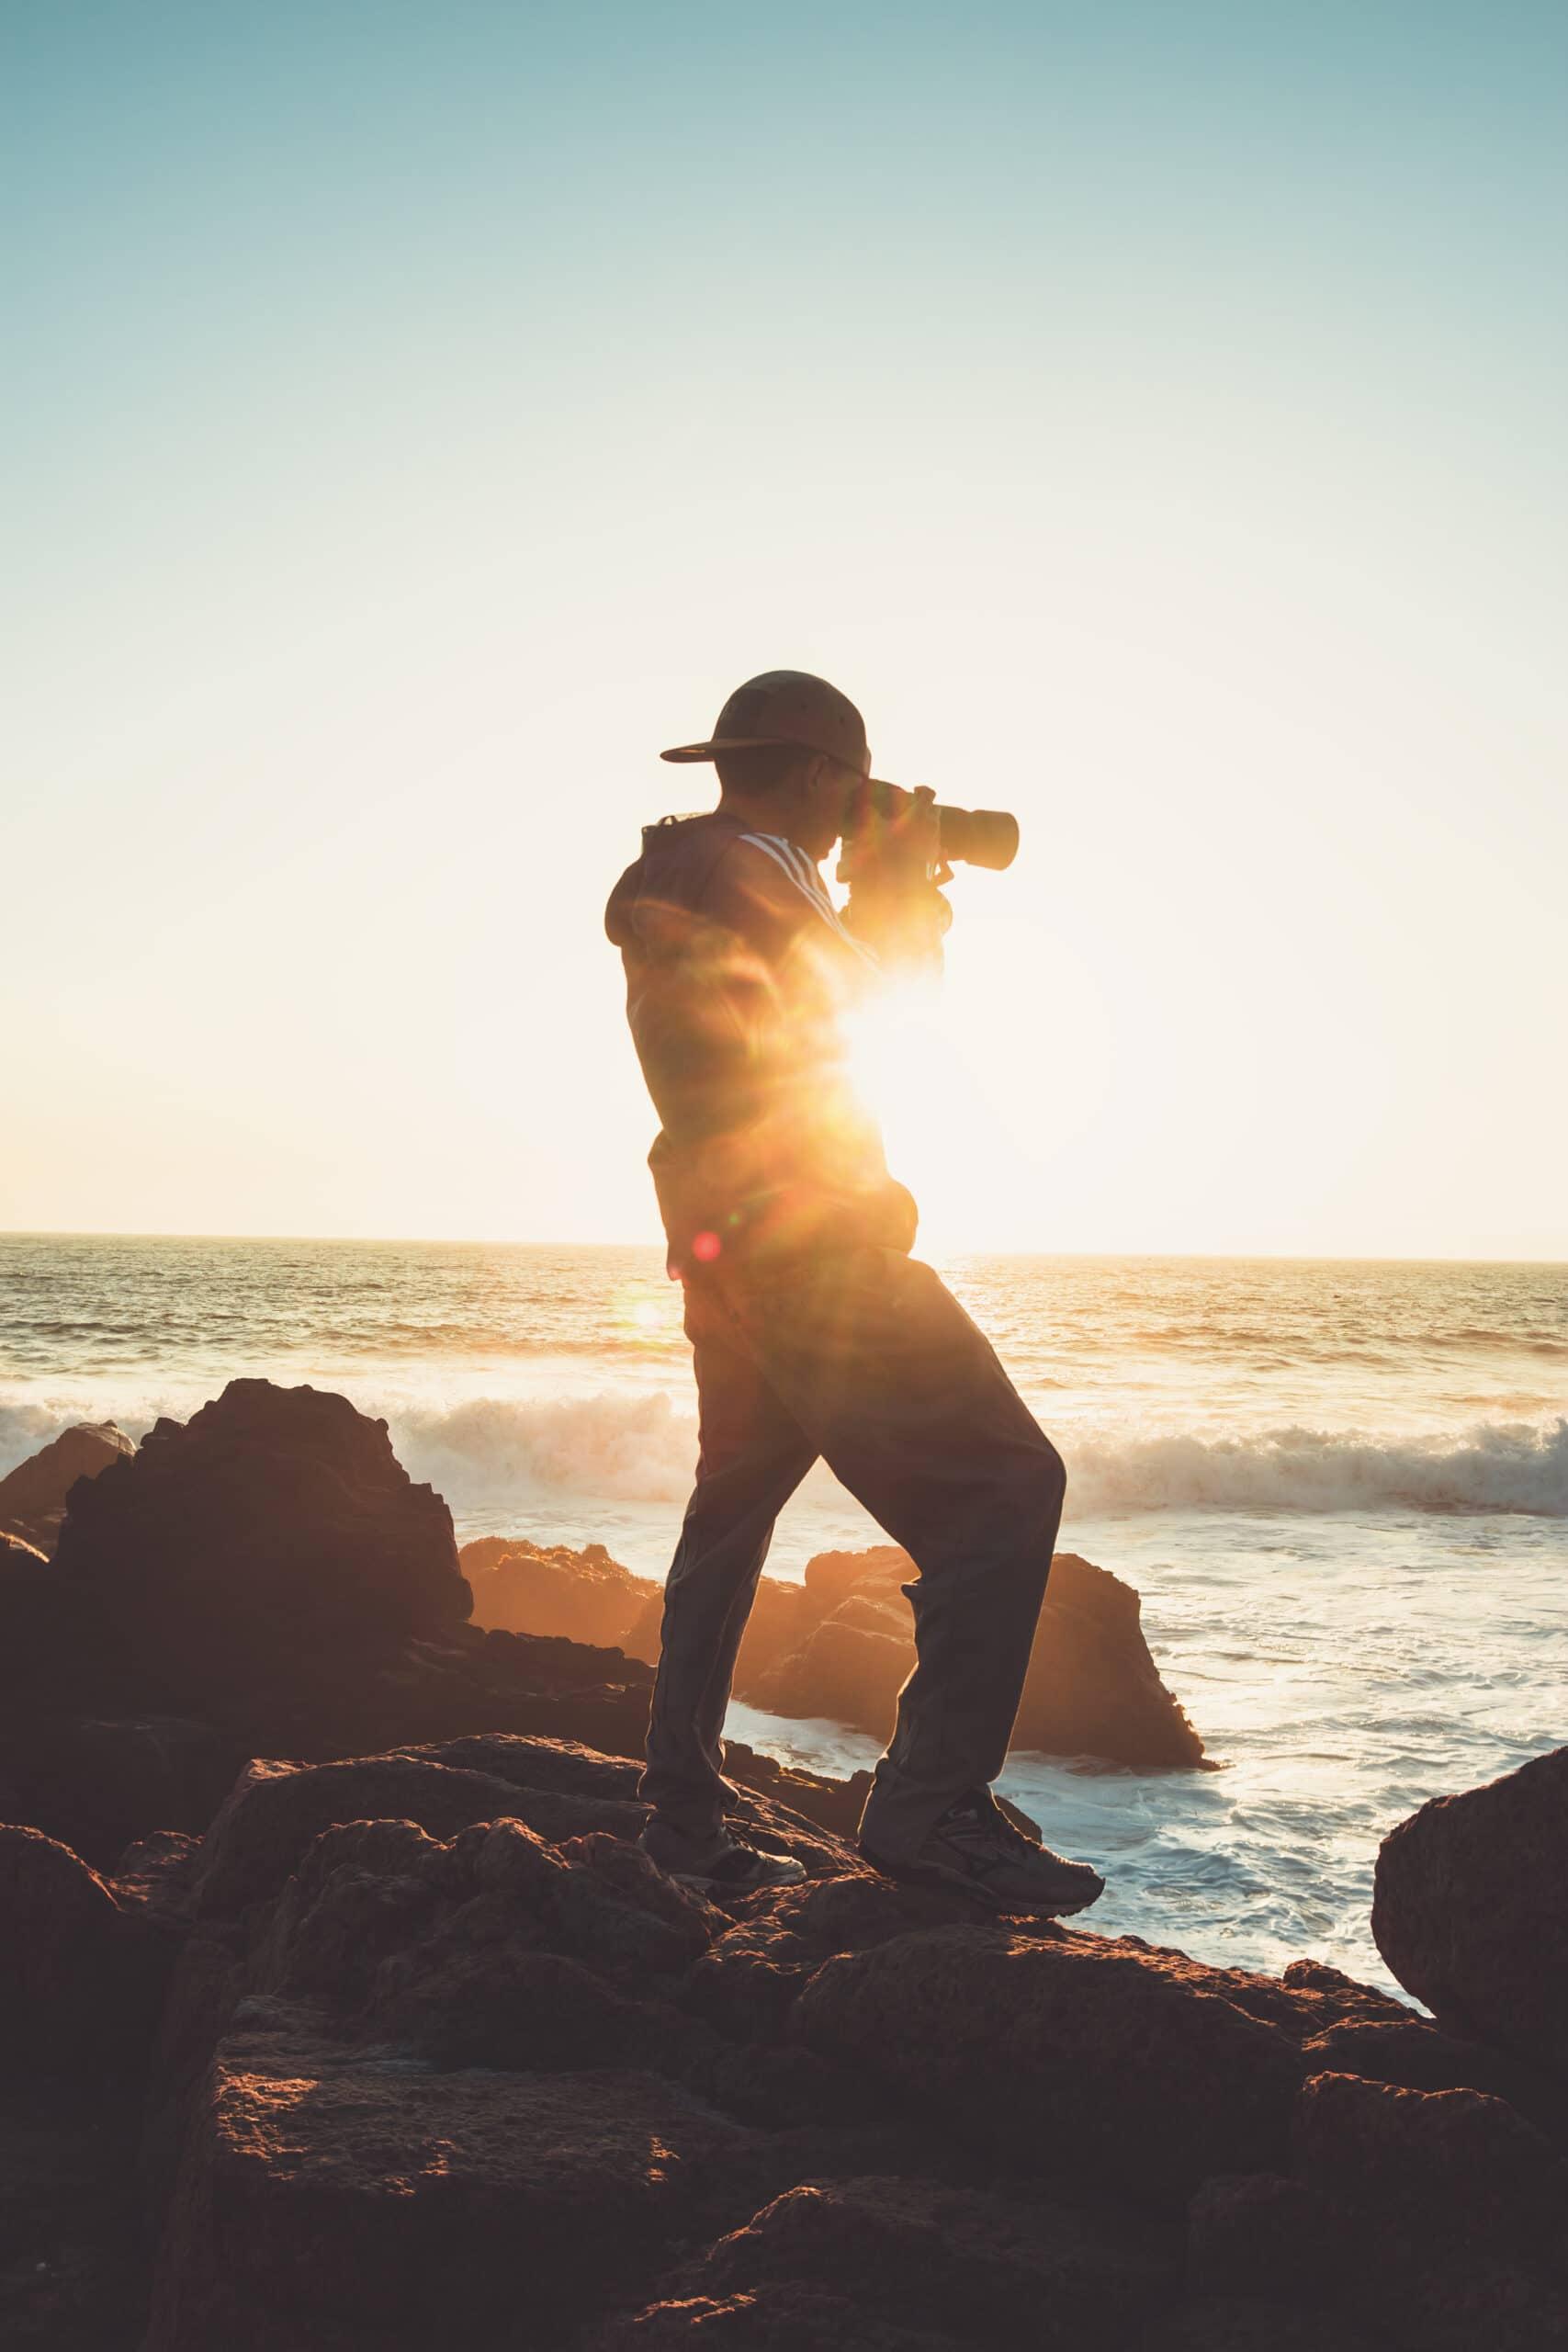 Kevytyrittäjä ja valokuvaaja. Freelance-valokuvaaja kuvaa merta